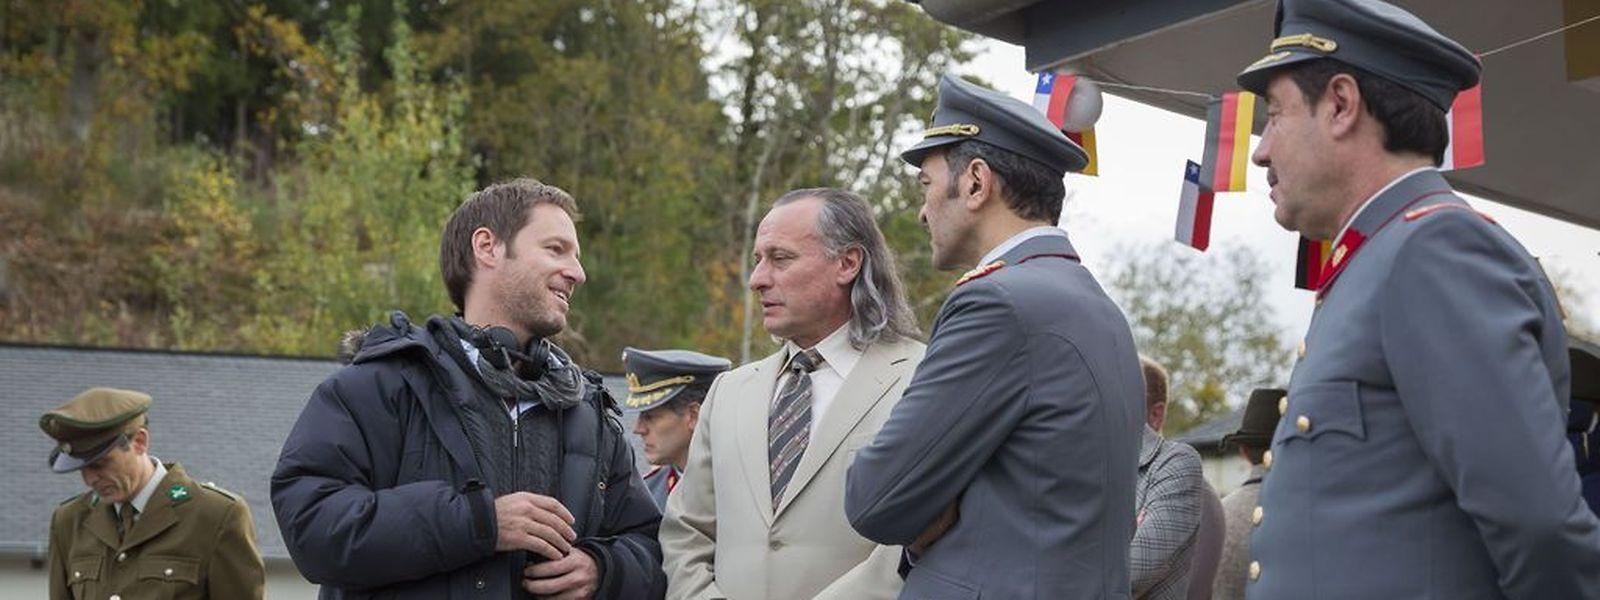 """Martelingen wird auf Chile getrimmt. Michael Nyqvist (bekannt als Hauptdarsteller aus """"Wie im Himmel"""") spielt den """"Colonia Dignidad""""-Gründer Paul Schäfer."""